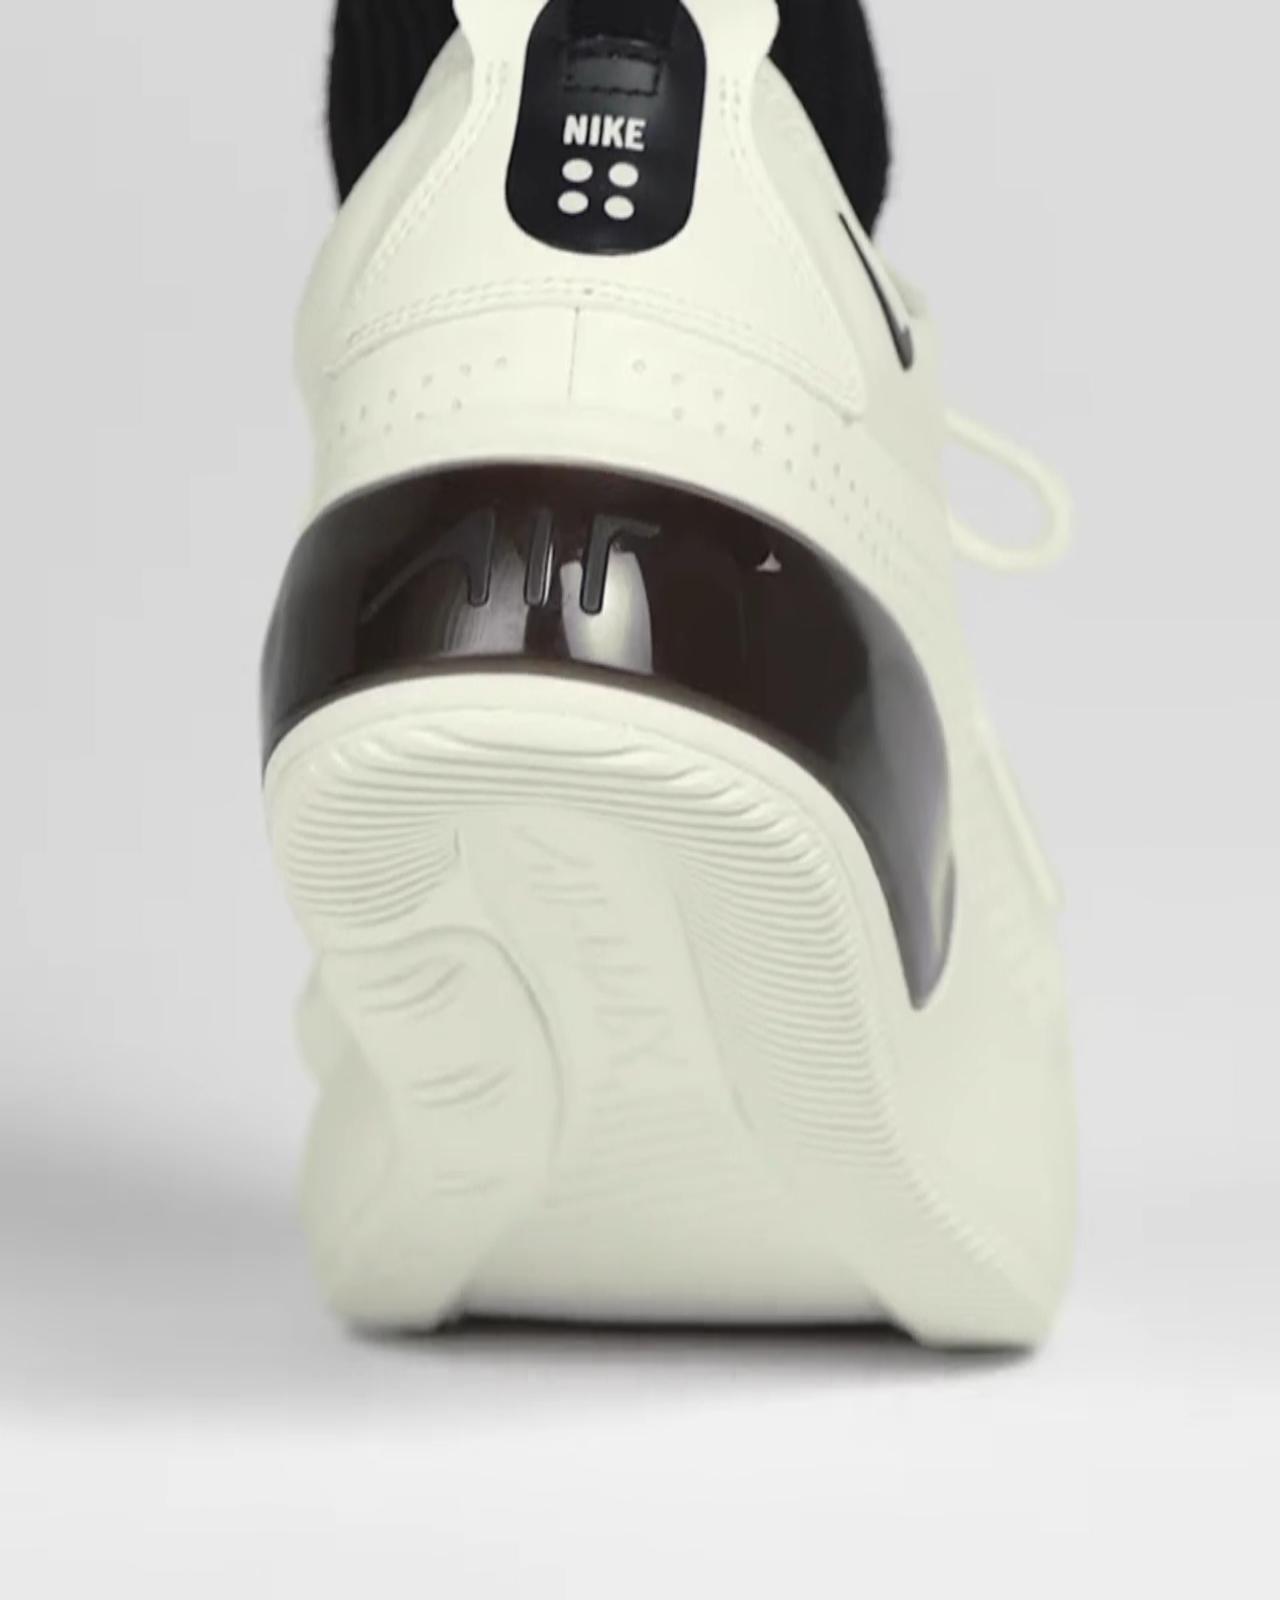 Pin de Luois en Thyno Shoes en 2019